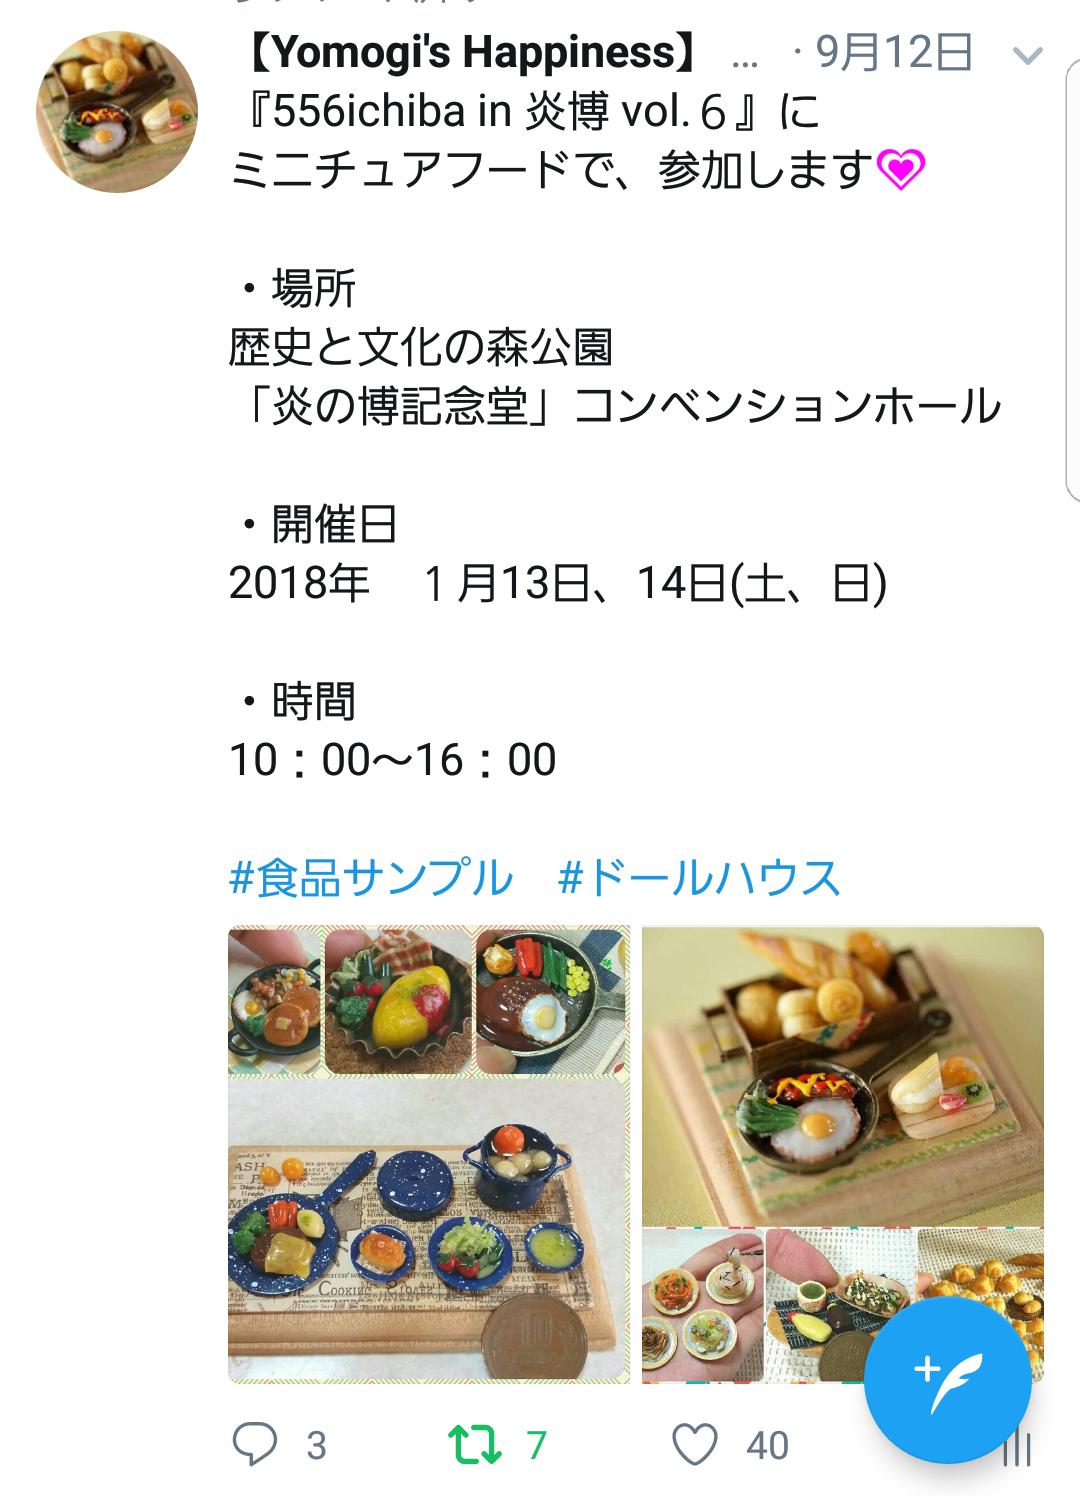 ミニチュアフード,556ichiba,佐賀県,キャンセル,ハンドメイド